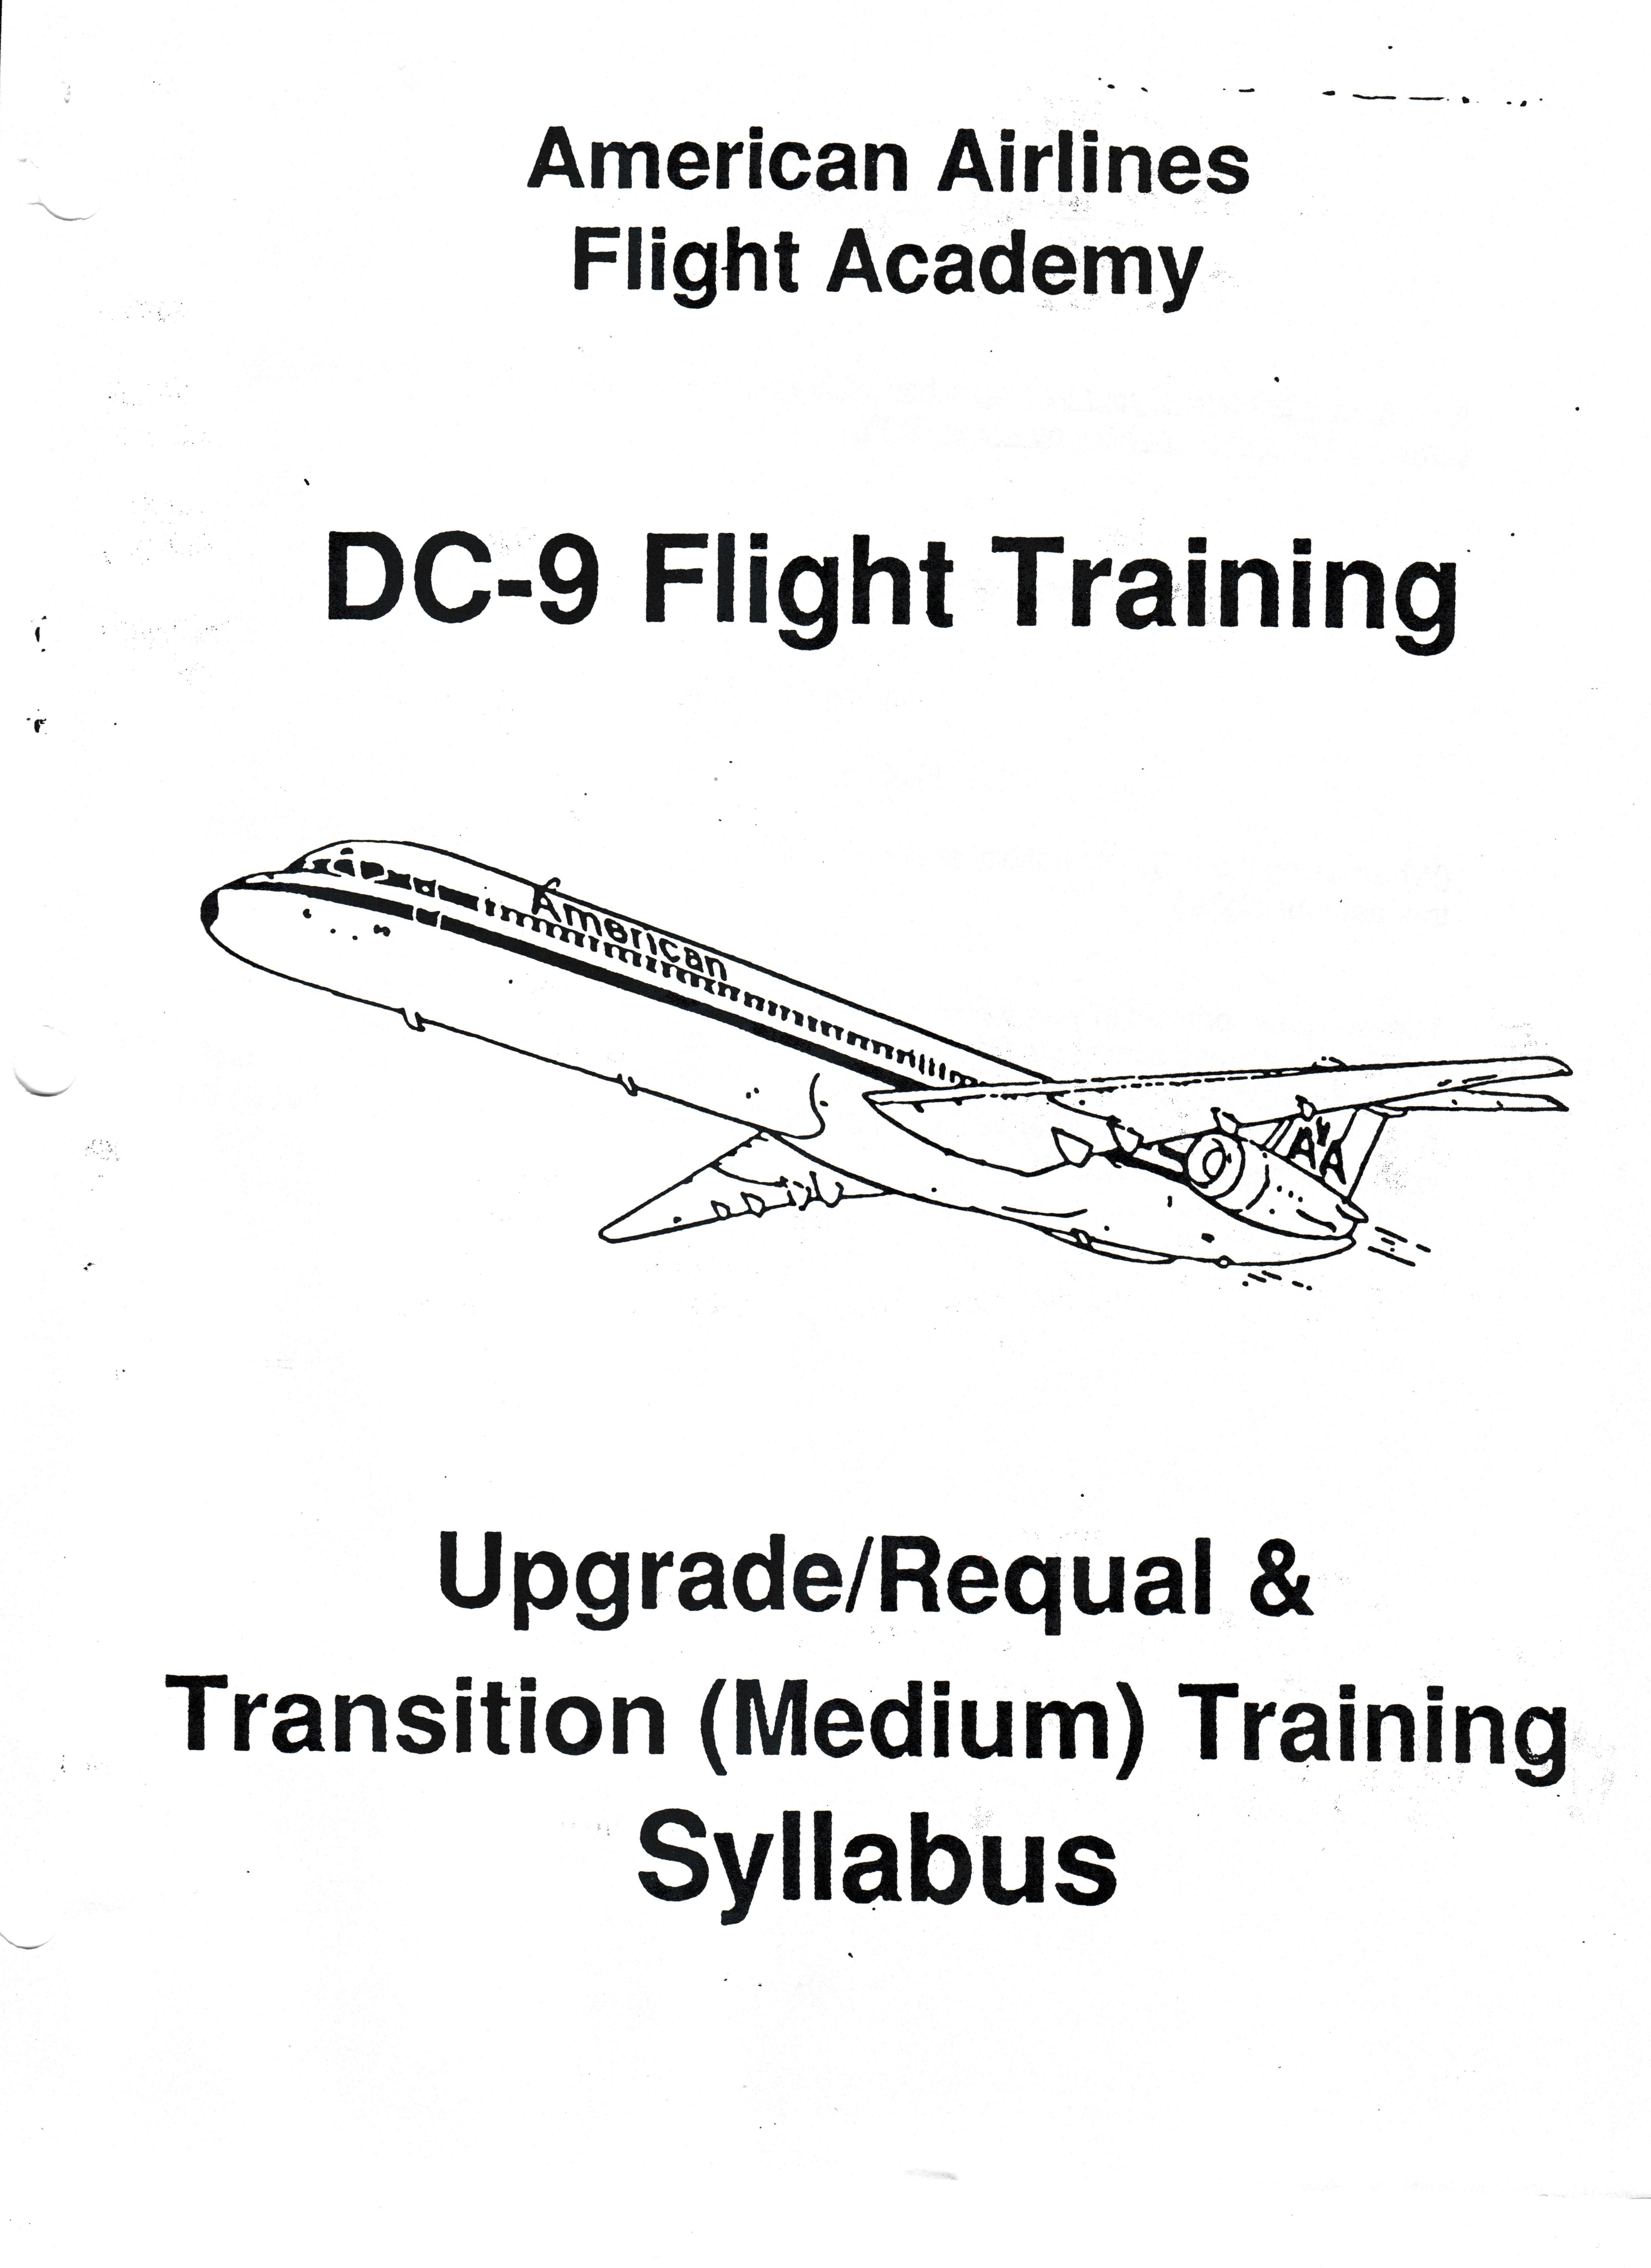 MD-80 syllabus 001 (2)